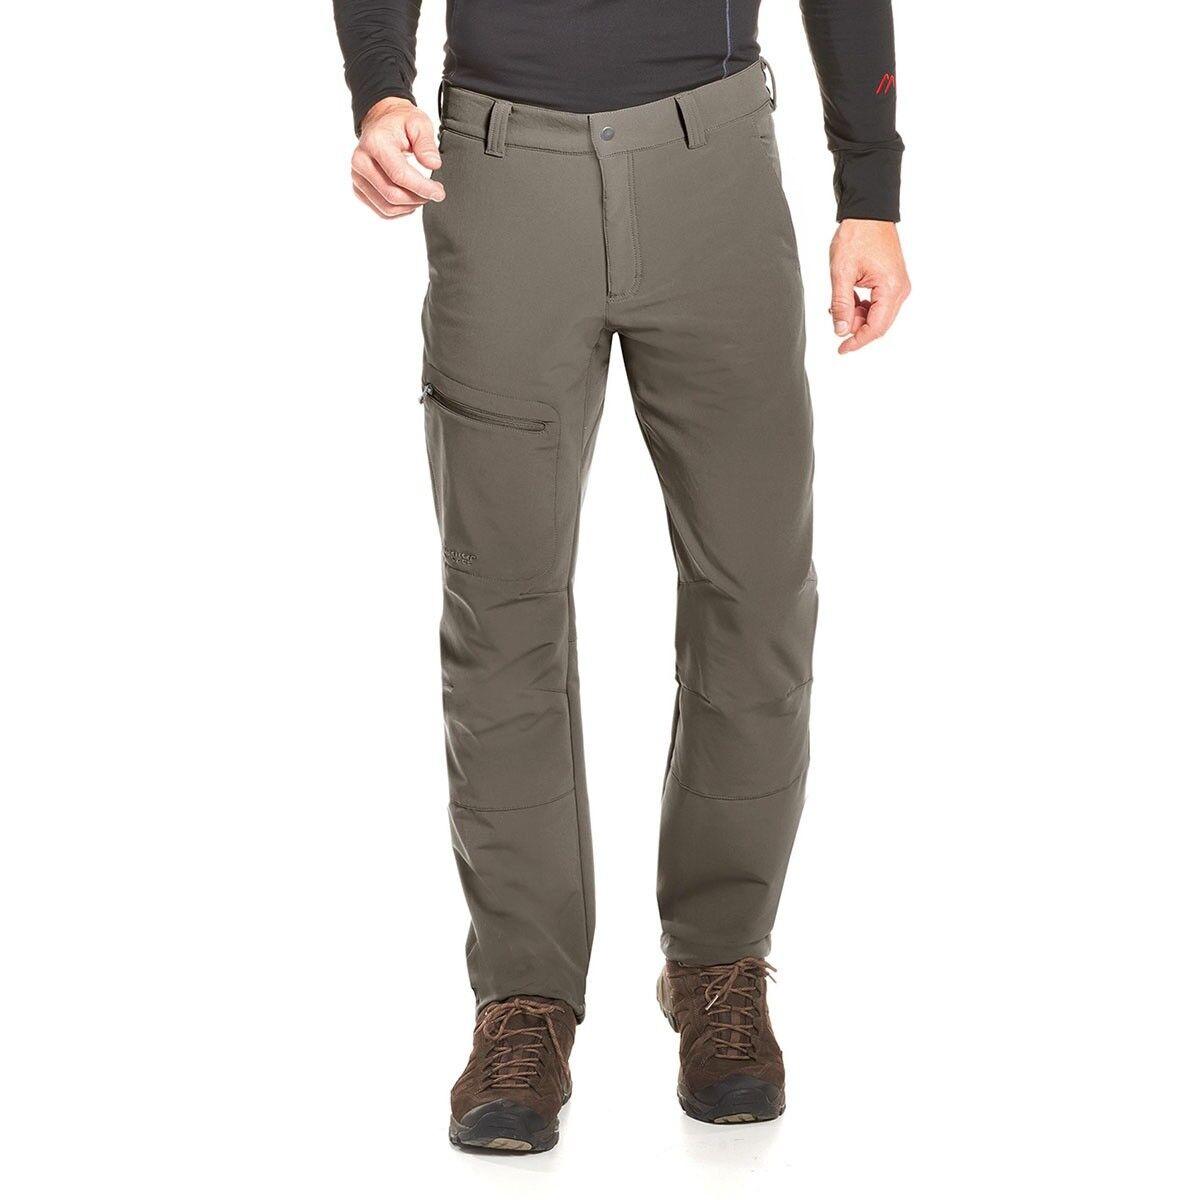 Maier Deportes Herrmann función pantalones  Teak  solo cómpralo